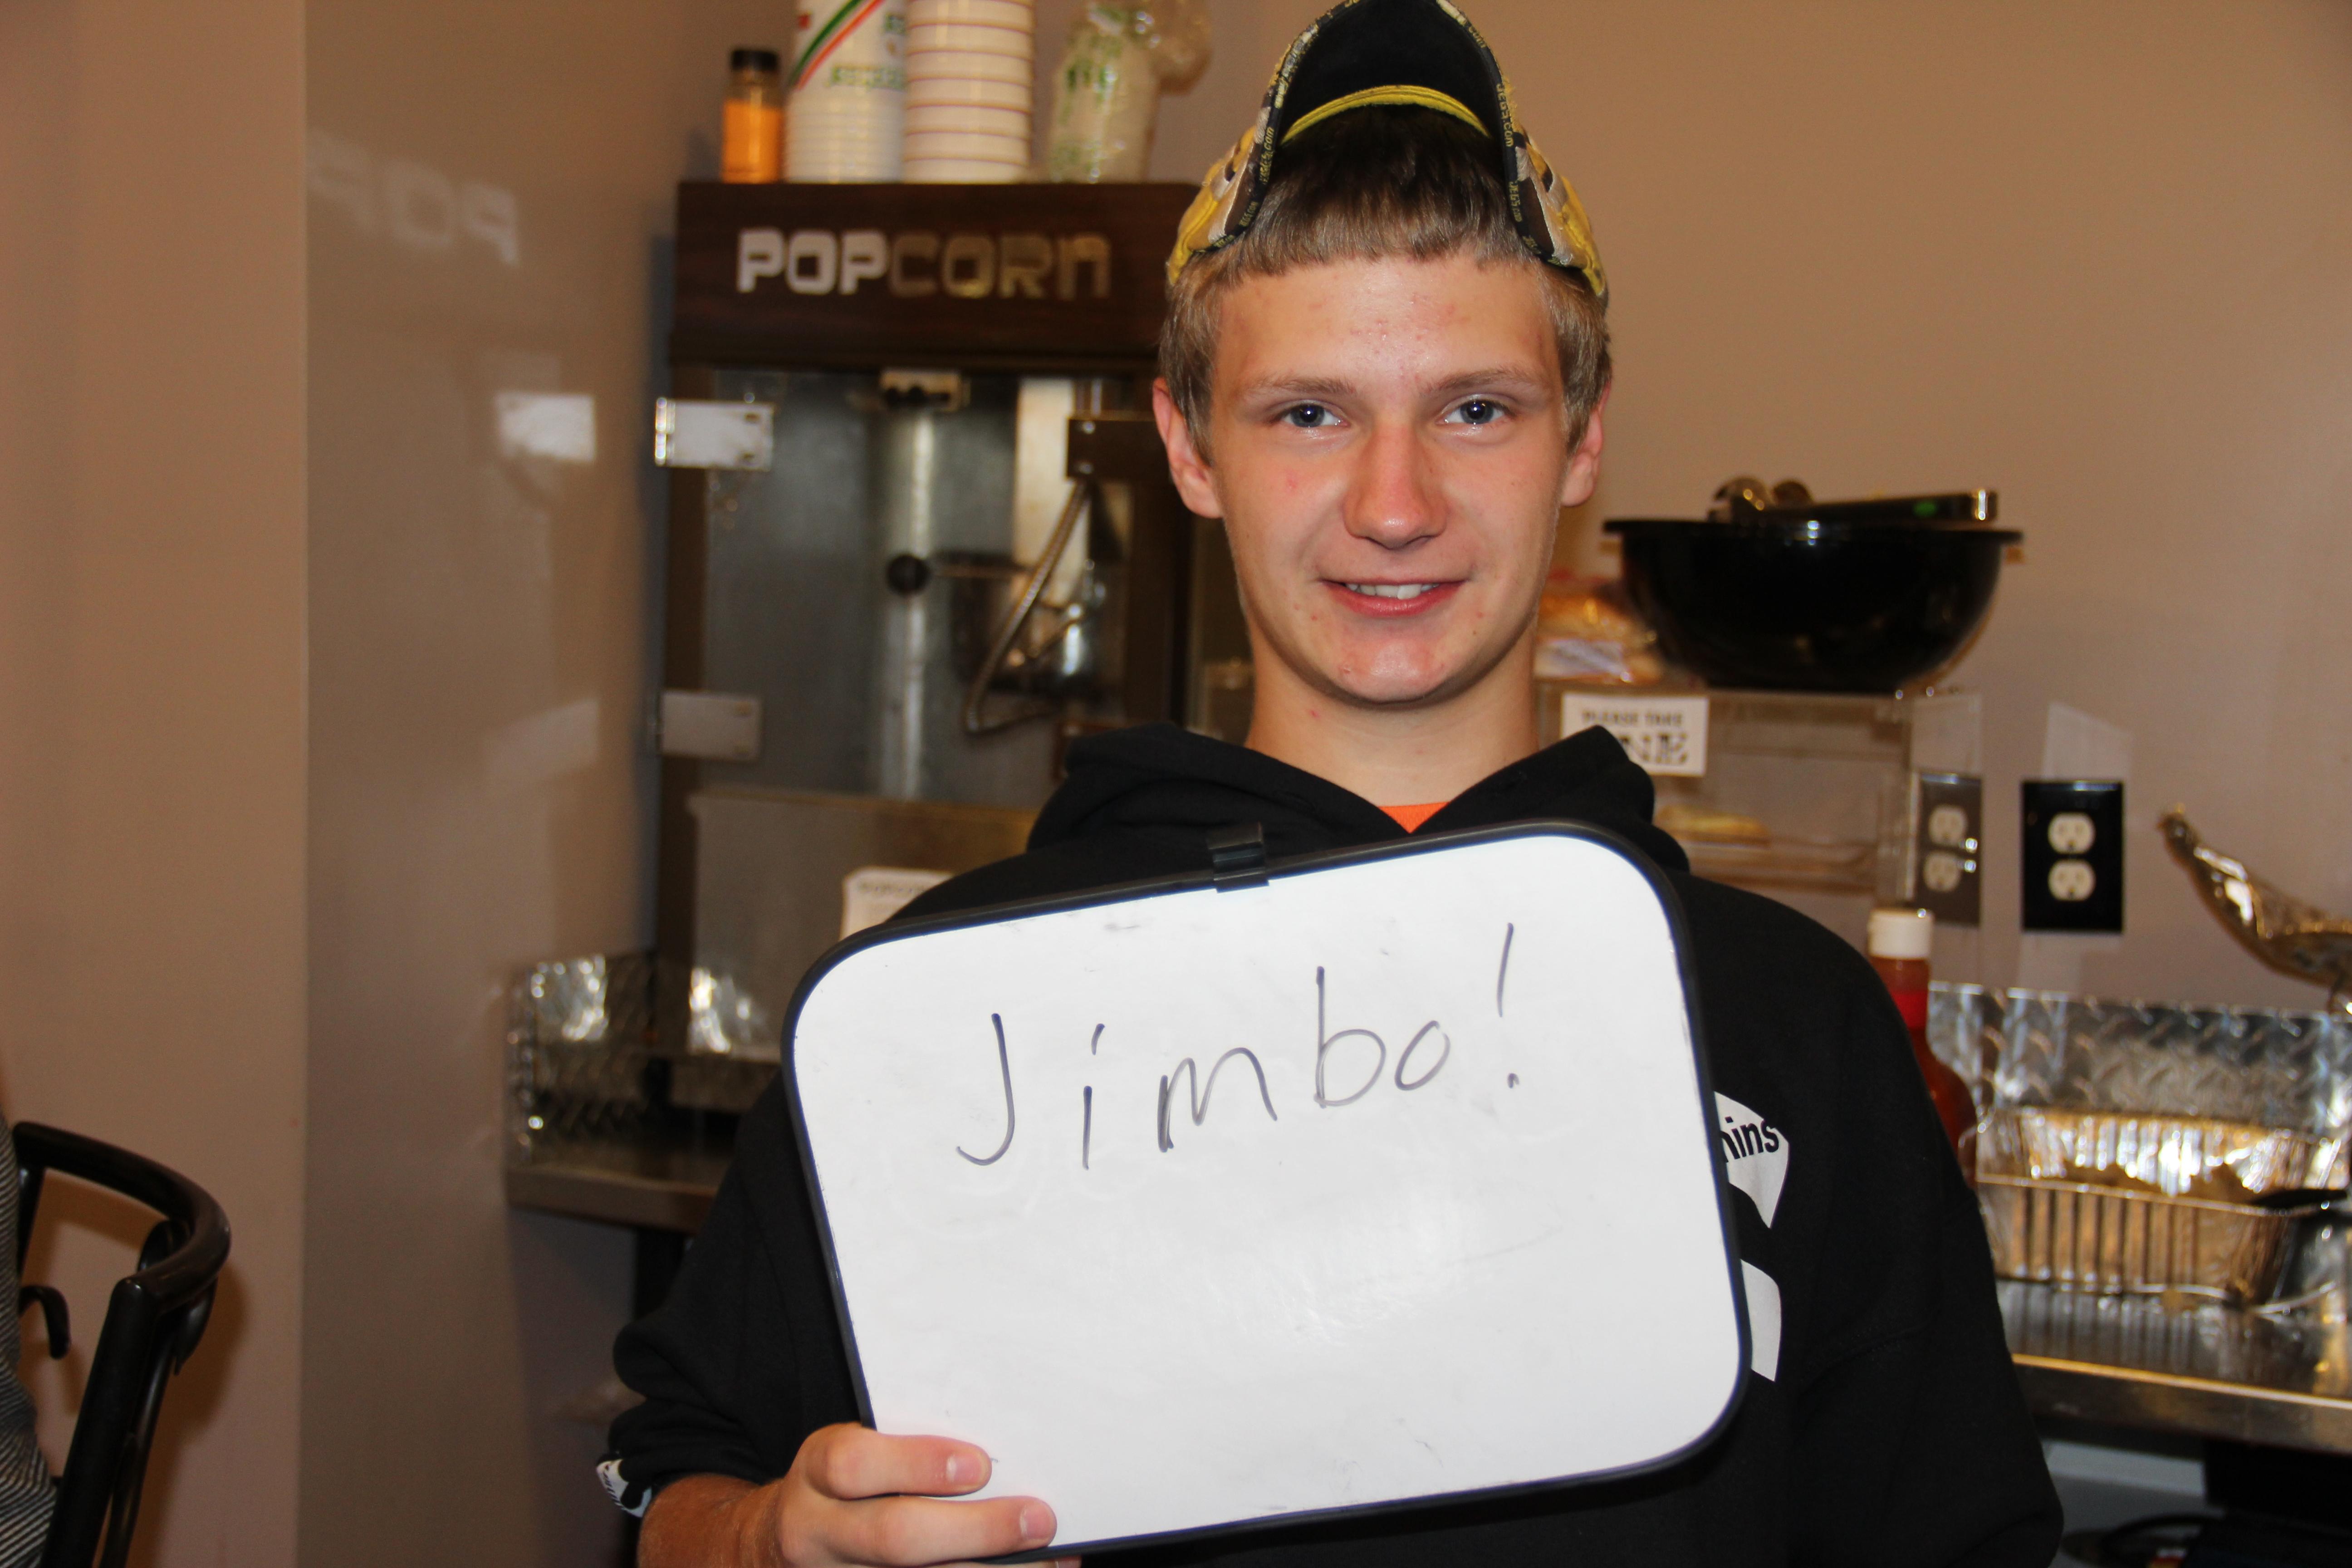 Jimbo_18+.JPG